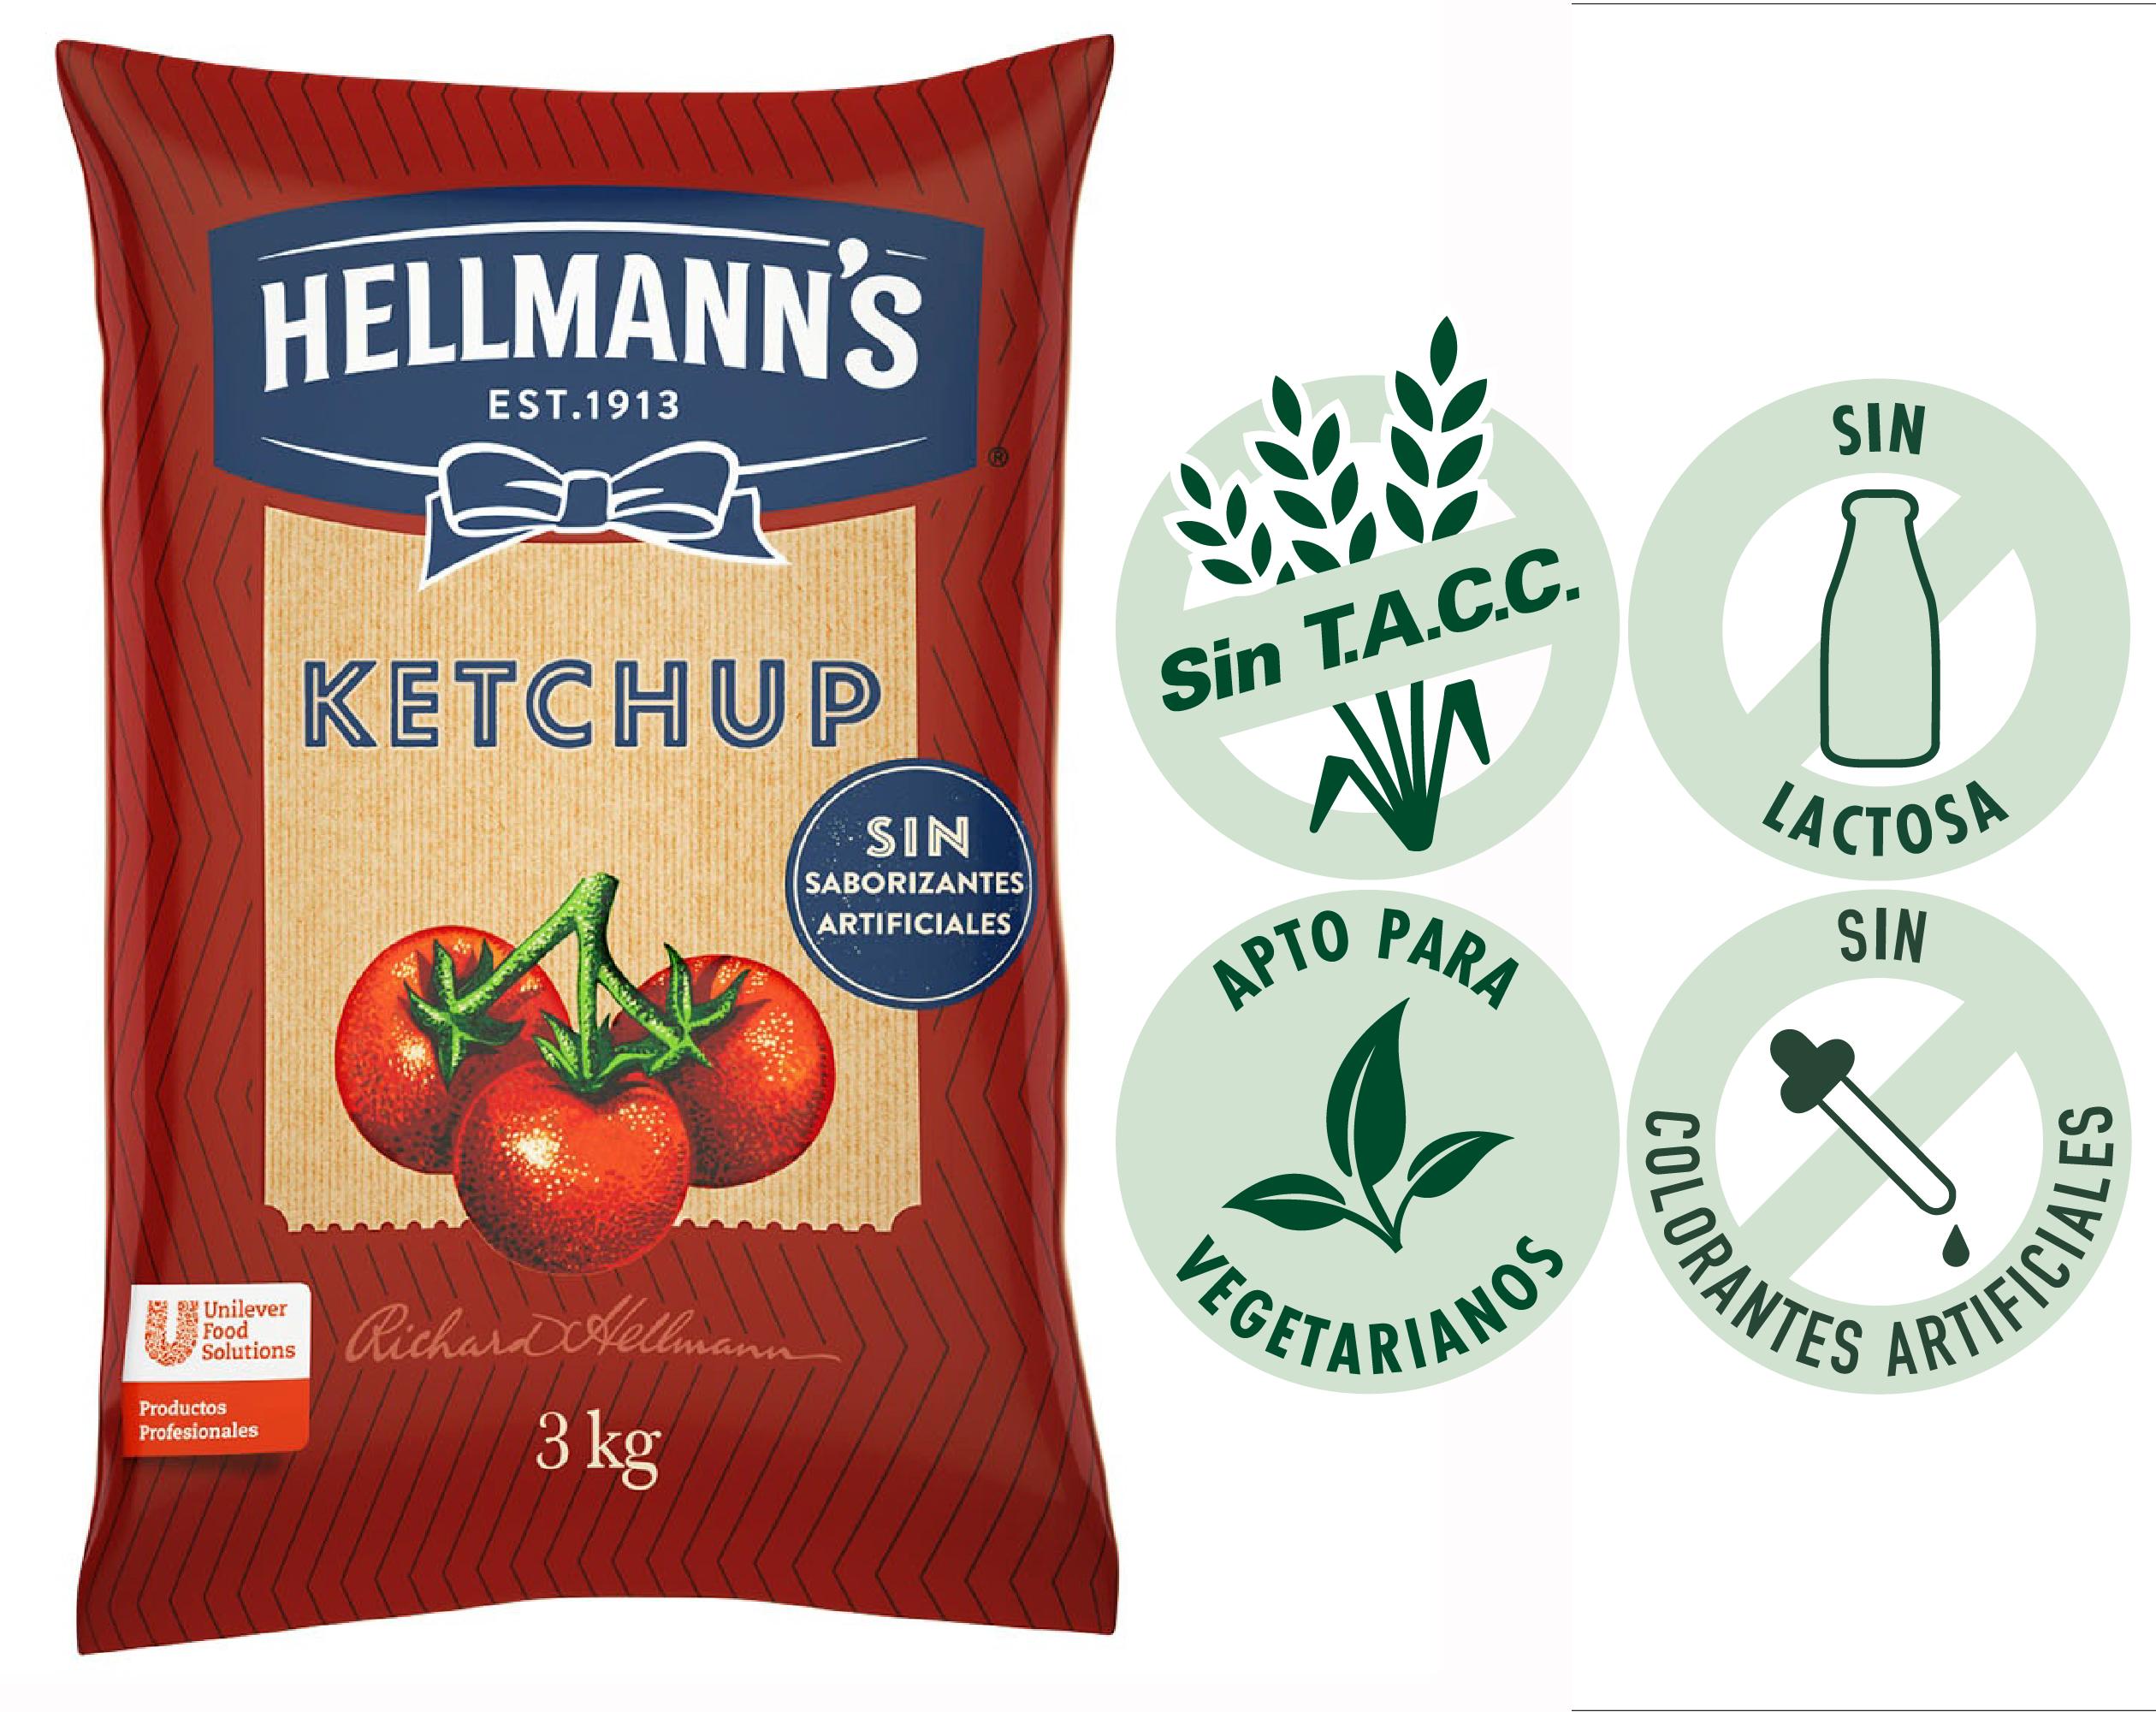 Ketchup Hellmann's 3KG